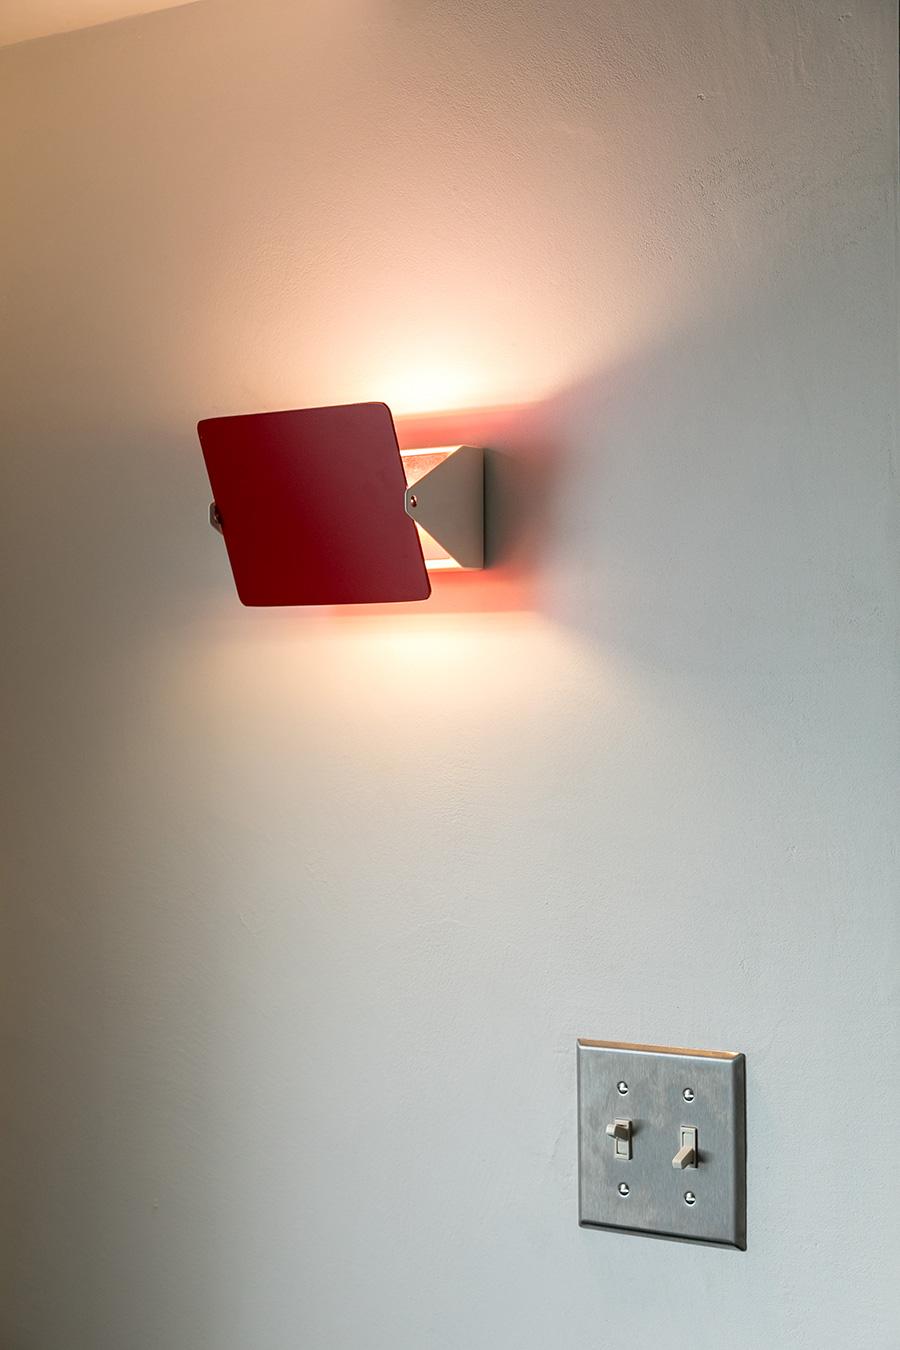 パネルの角度を変えることで上下の光の配分を調整できるシャルロット・ペリアンデザインの照明。赤の差し色が効いている。